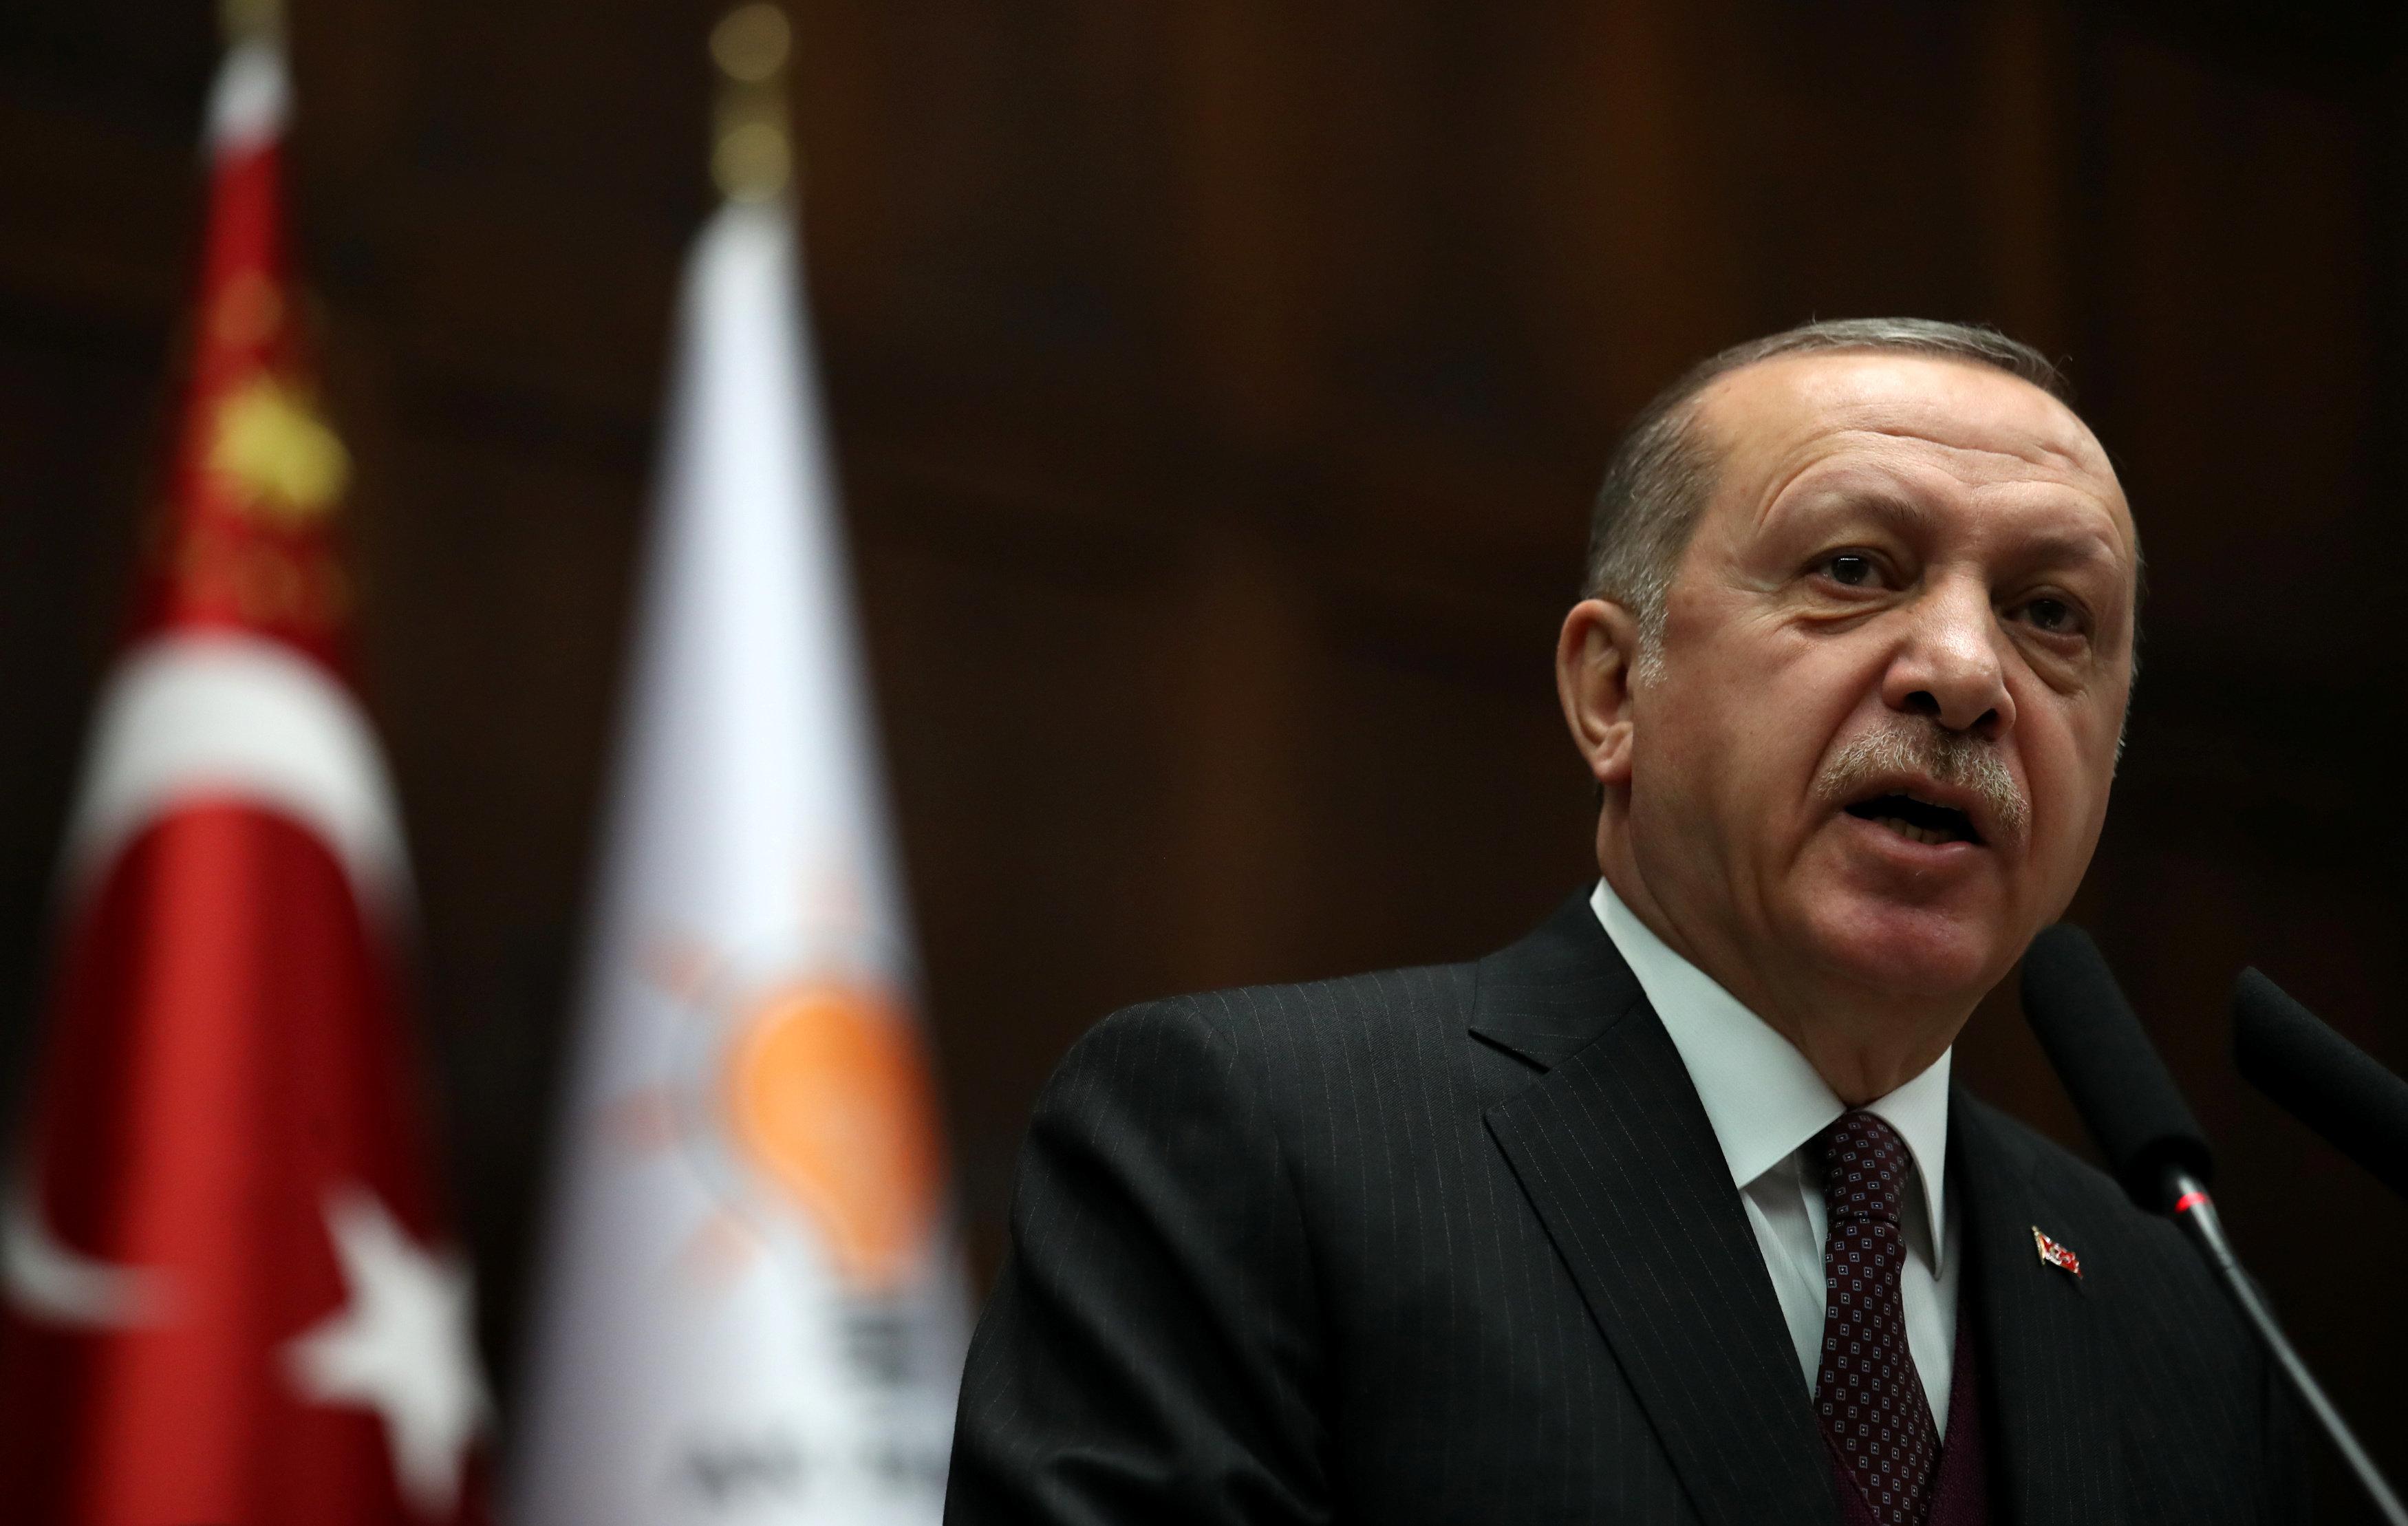 Αμετακίνητος ο Ερντογάν: Οι τουρκικές δυνάμεις θα καθαρίσουν από τους τρομοκράτες τα σύνορα με τη